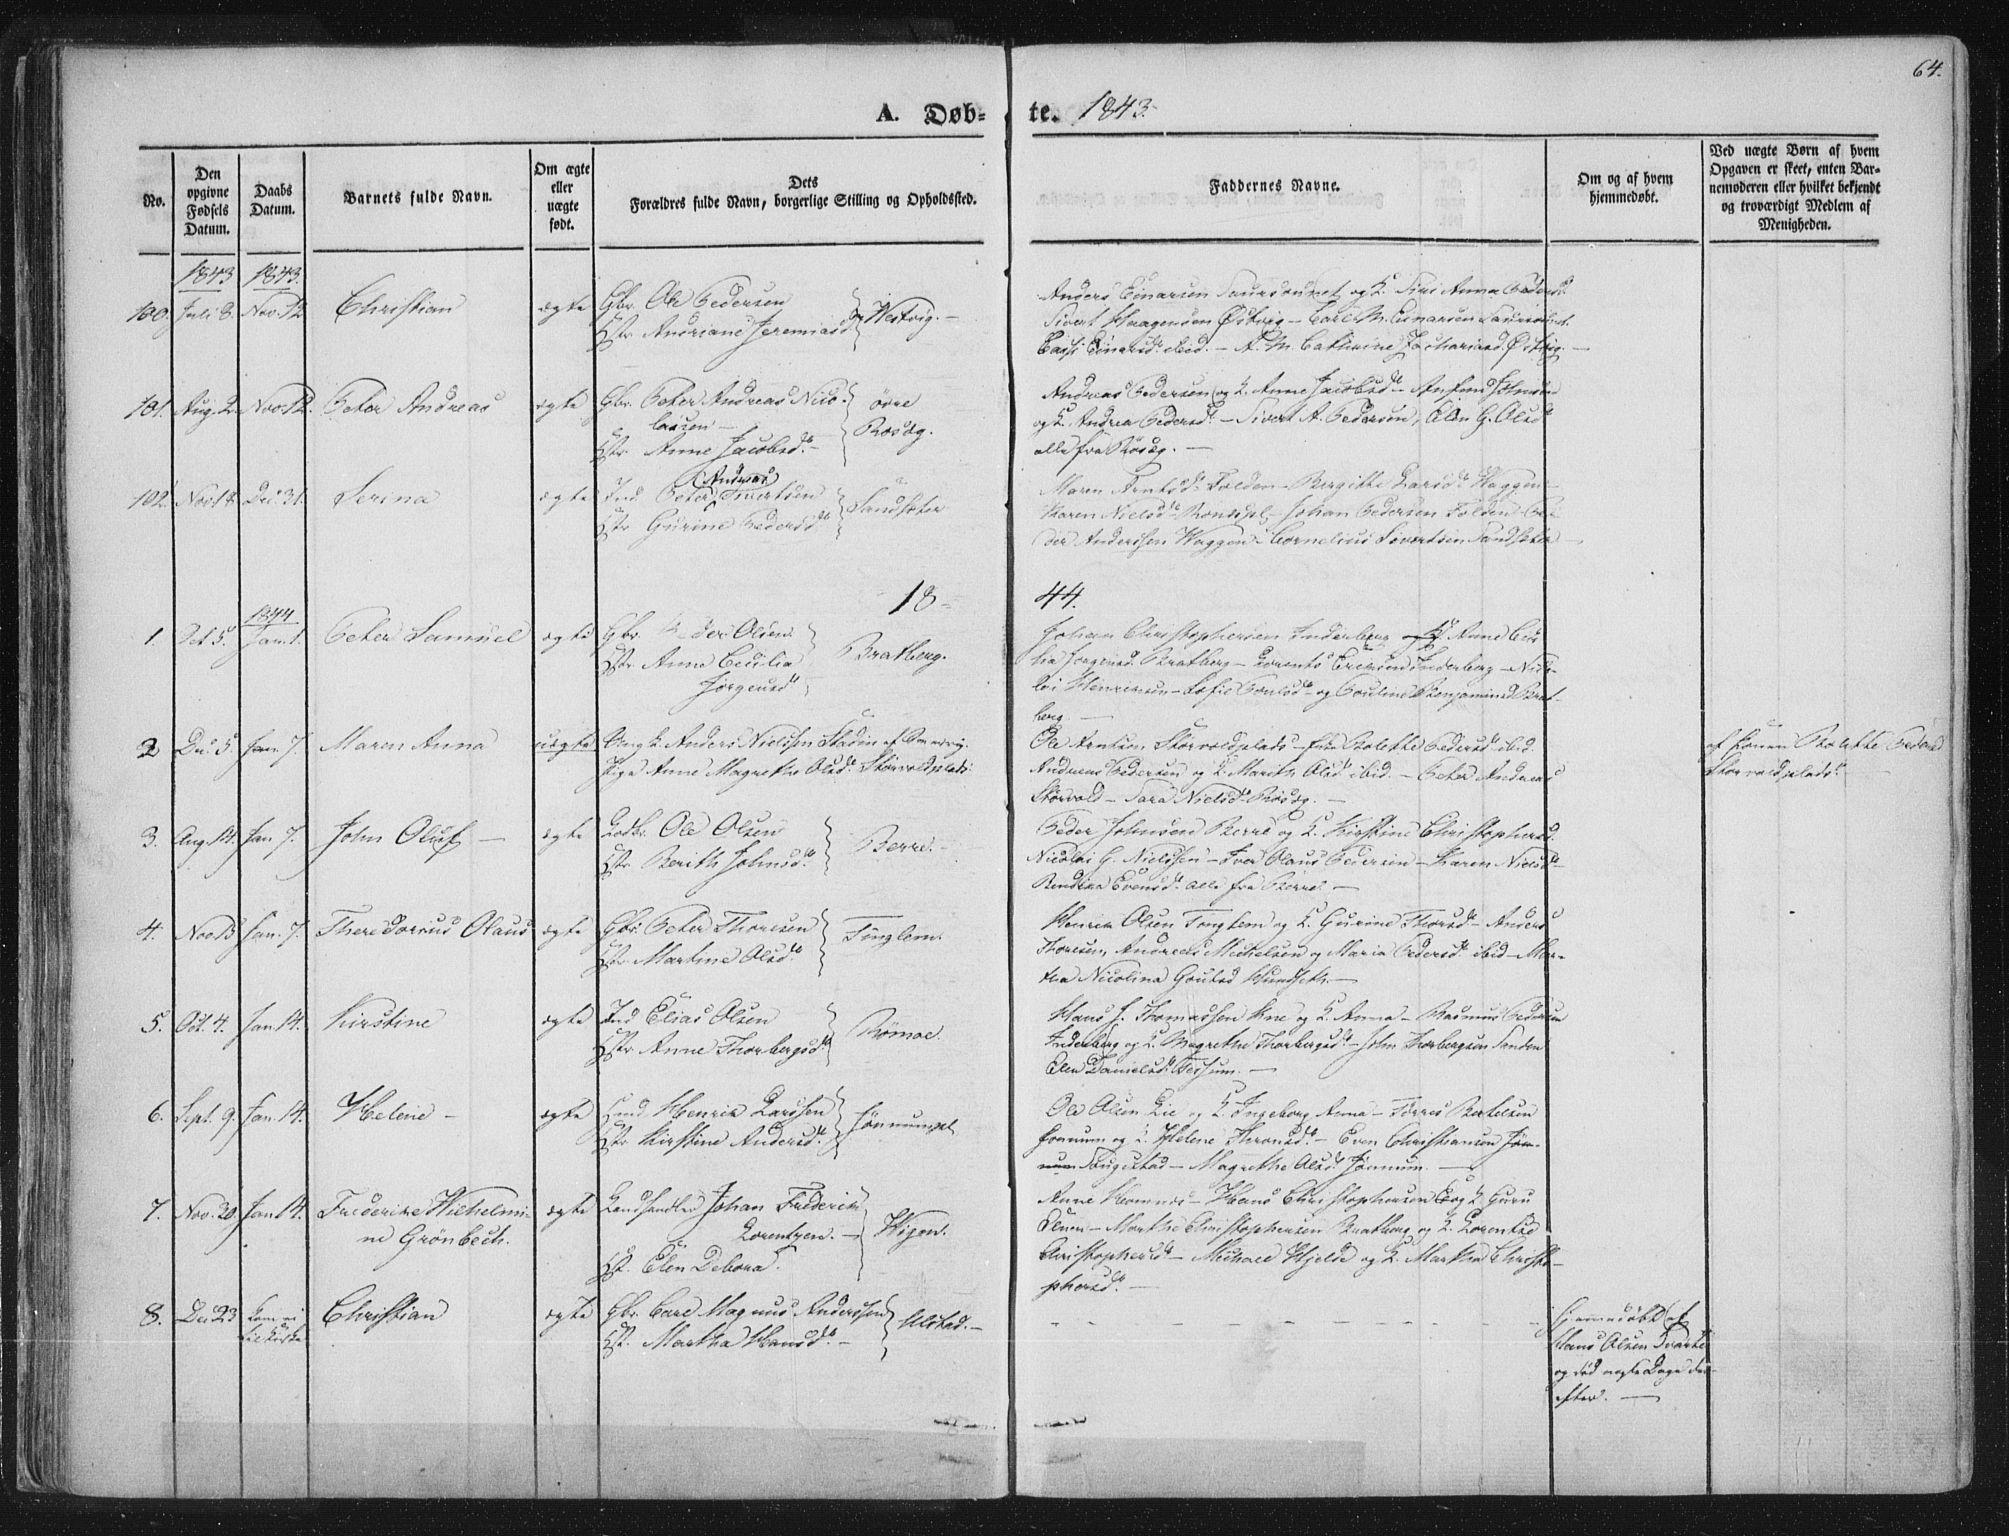 SAT, Ministerialprotokoller, klokkerbøker og fødselsregistre - Nord-Trøndelag, 741/L0392: Ministerialbok nr. 741A06, 1836-1848, s. 64